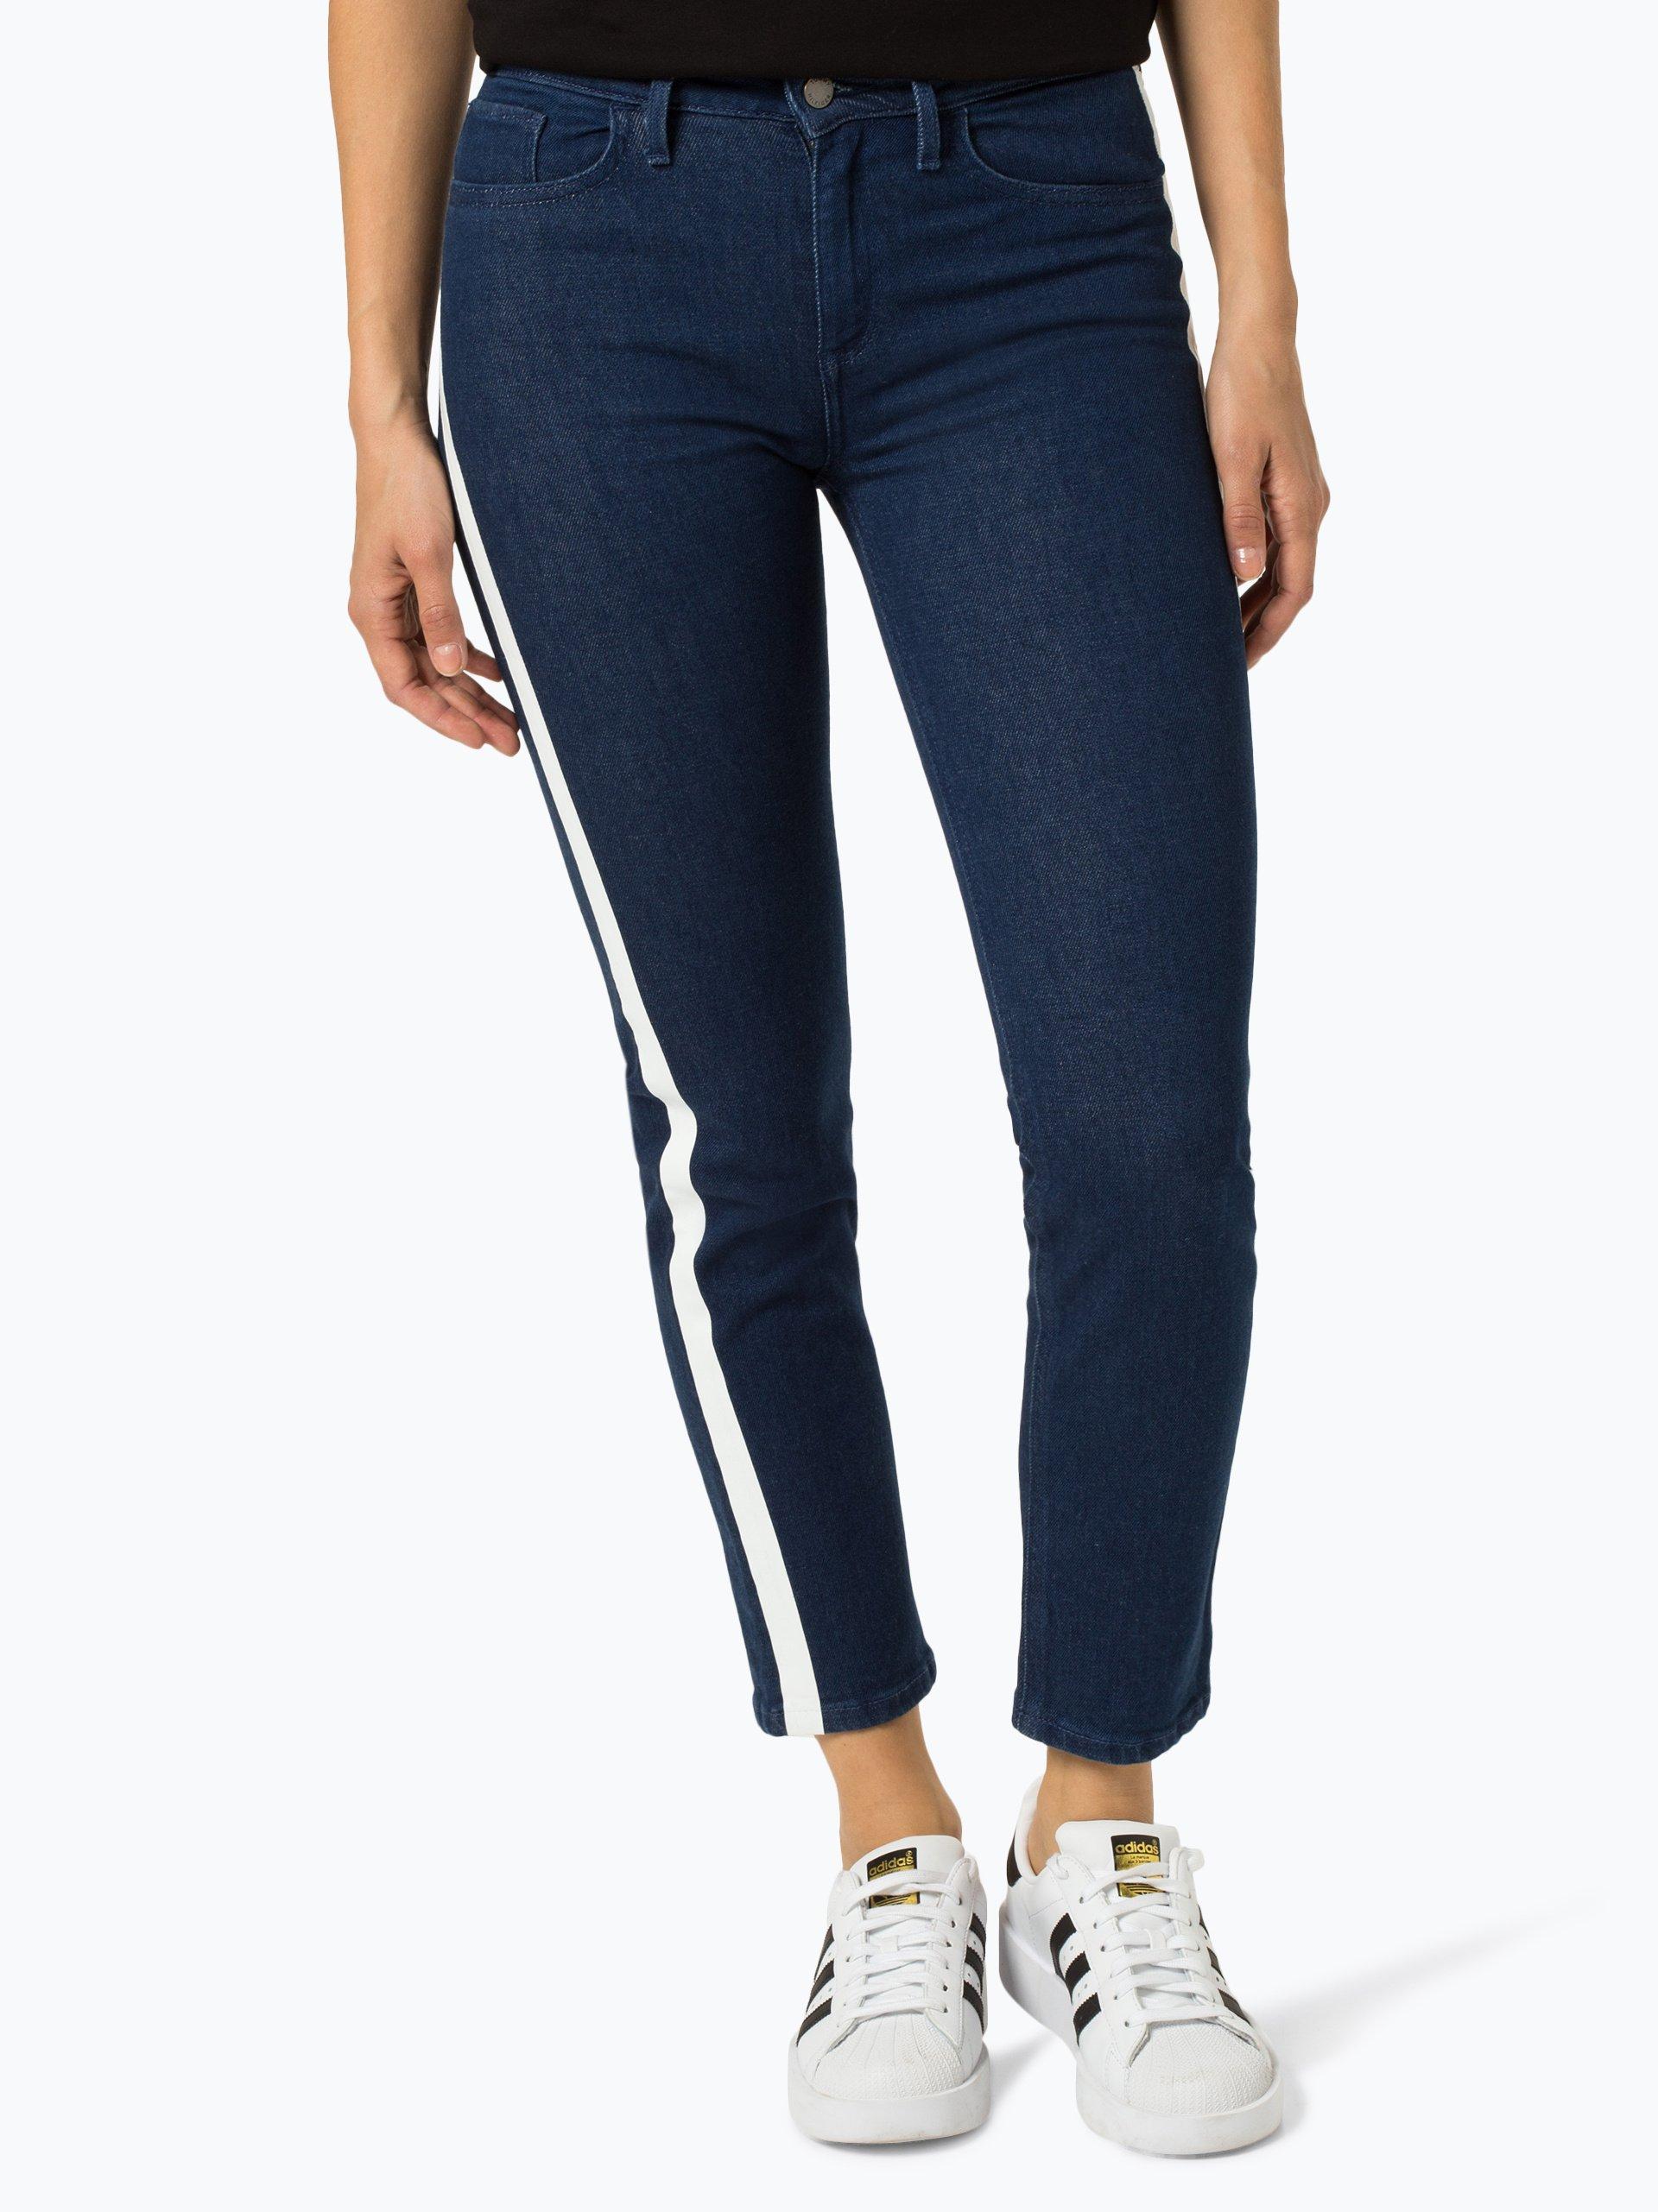 tommy hilfiger damen jeans riverpoint online kaufen. Black Bedroom Furniture Sets. Home Design Ideas